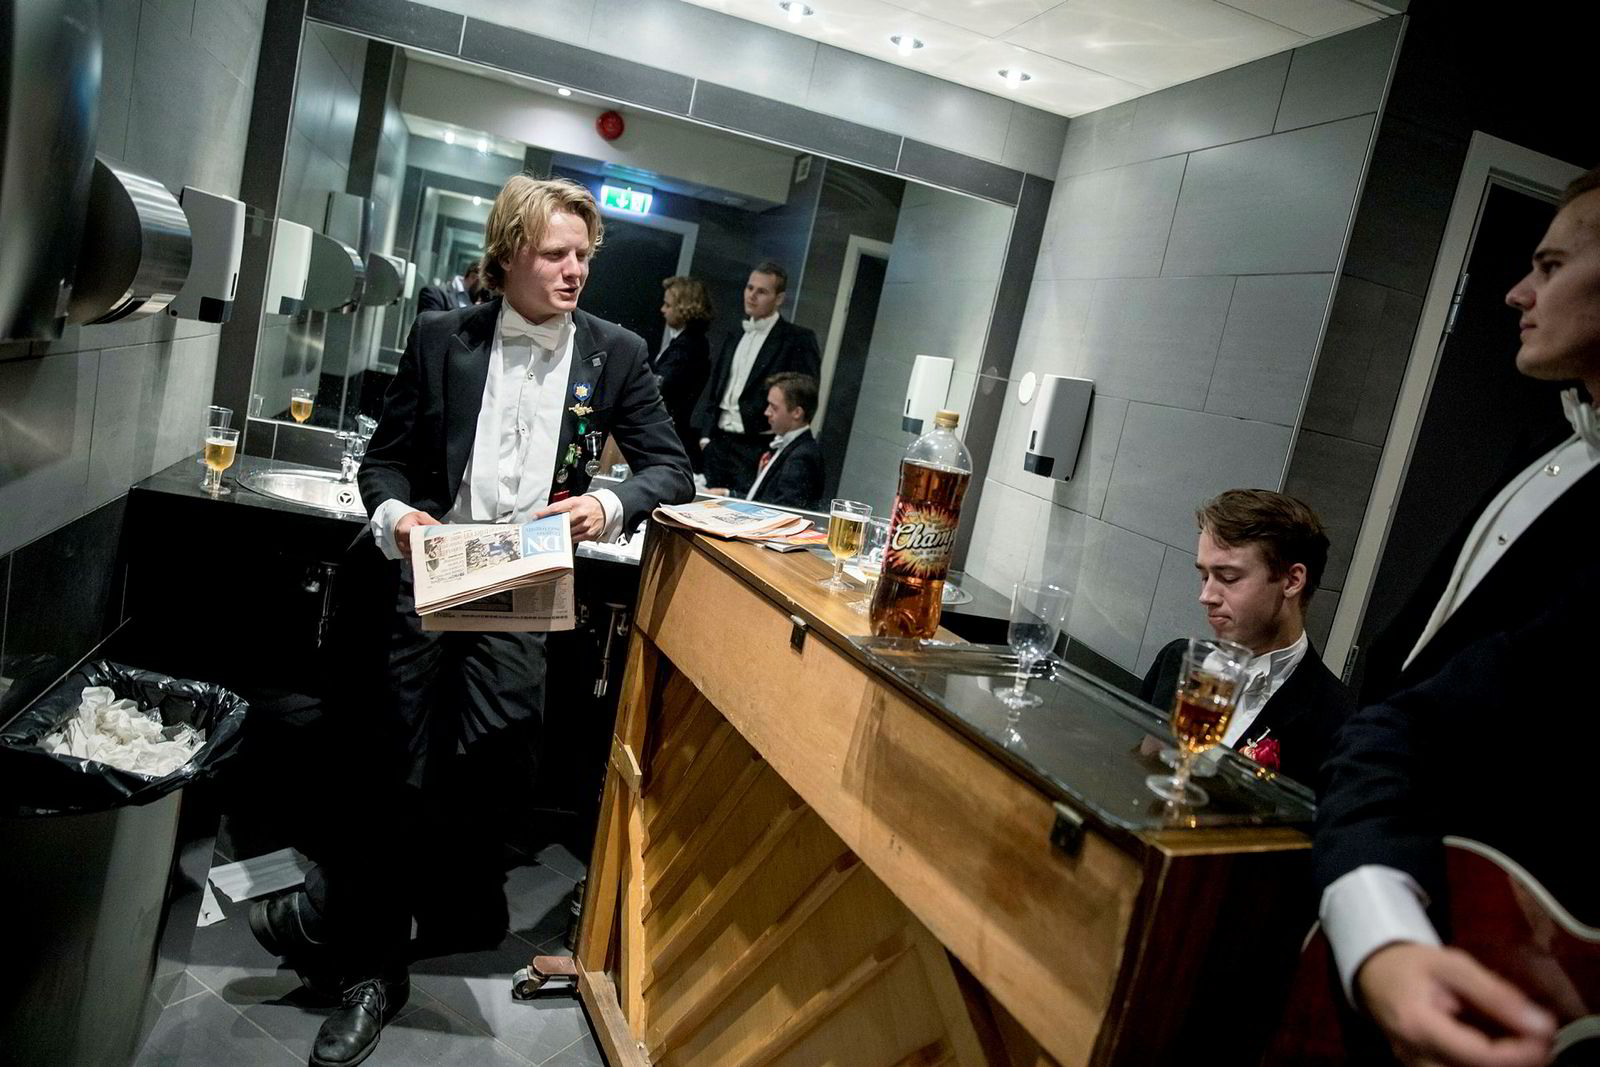 Mens immatrikuleringen fant sted i auditoriet ned gangen, sto Sverre Skjauff, Hans-Jørgen Jøssund og Kristoffer Stokke fra Det sanitære selskab for champagnebrus, næringslivsaviser og taffelmusikk på do.